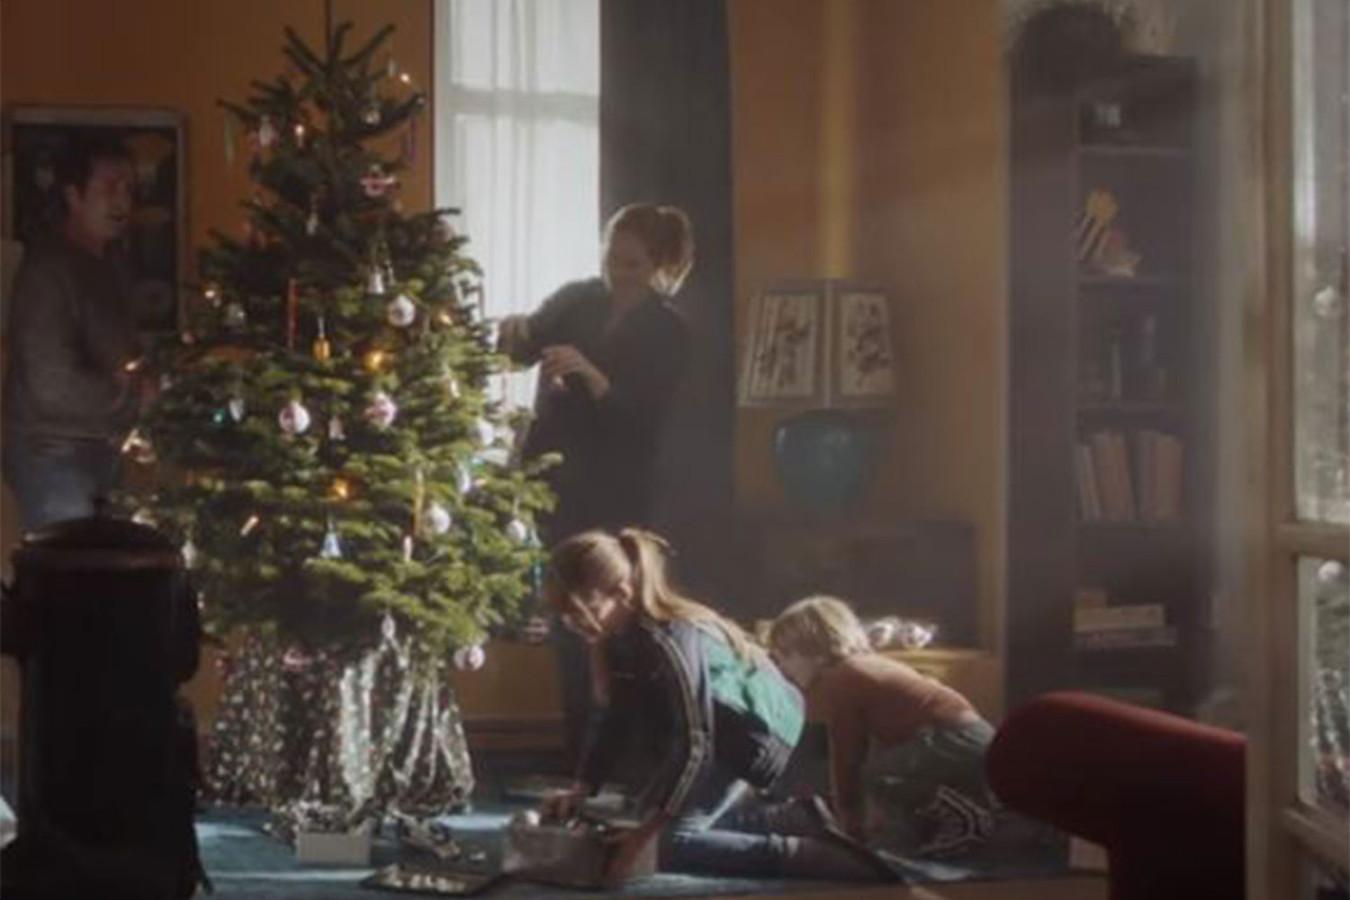 Plus Kerst Reclame.Plus Reclame Over Gescheiden Ouders Rond Kerst Raakt